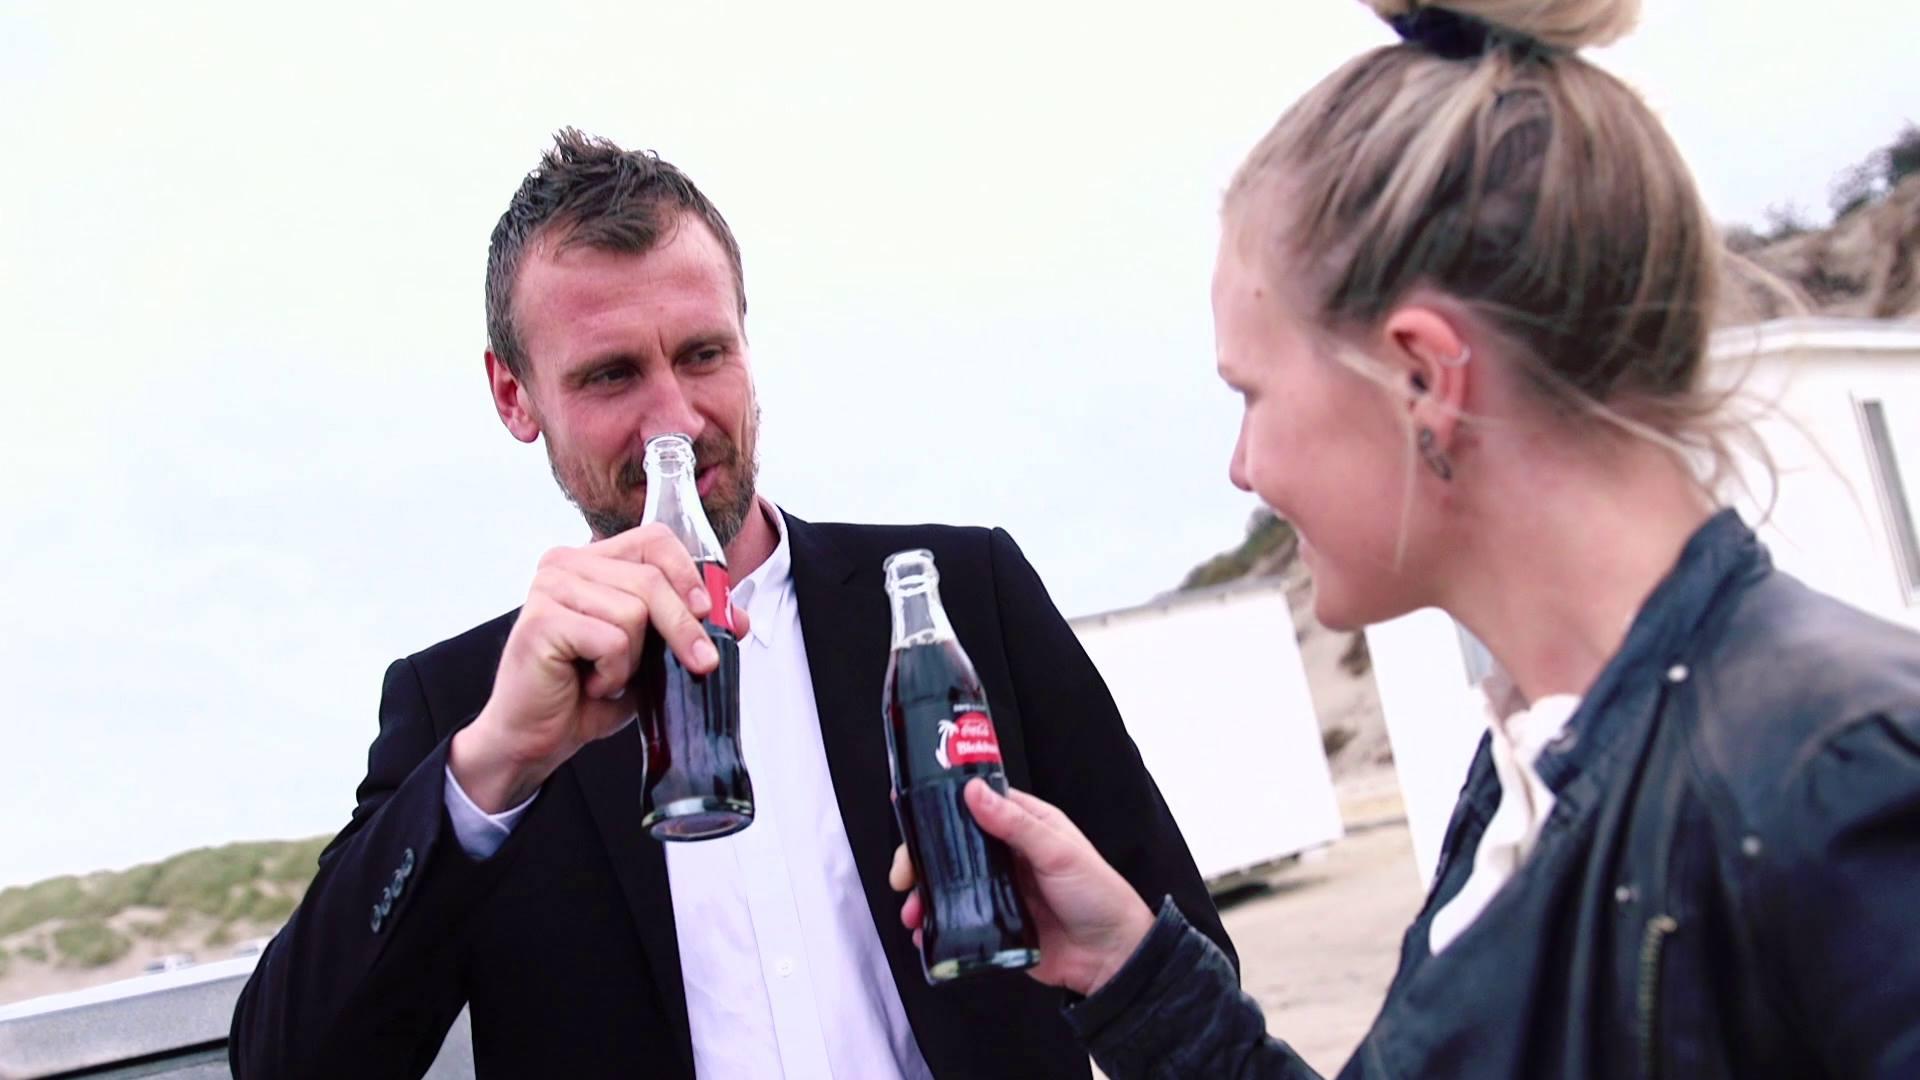 Syv danske feriedestinationer får deres navn på sommerens Coca-Cola flasker. Se afsløringen her, når de allerførste flasker ankommer med drone. Psst, du kan også vinde en rejse til din favoritdestination - se mere på Coke.dk/summer.